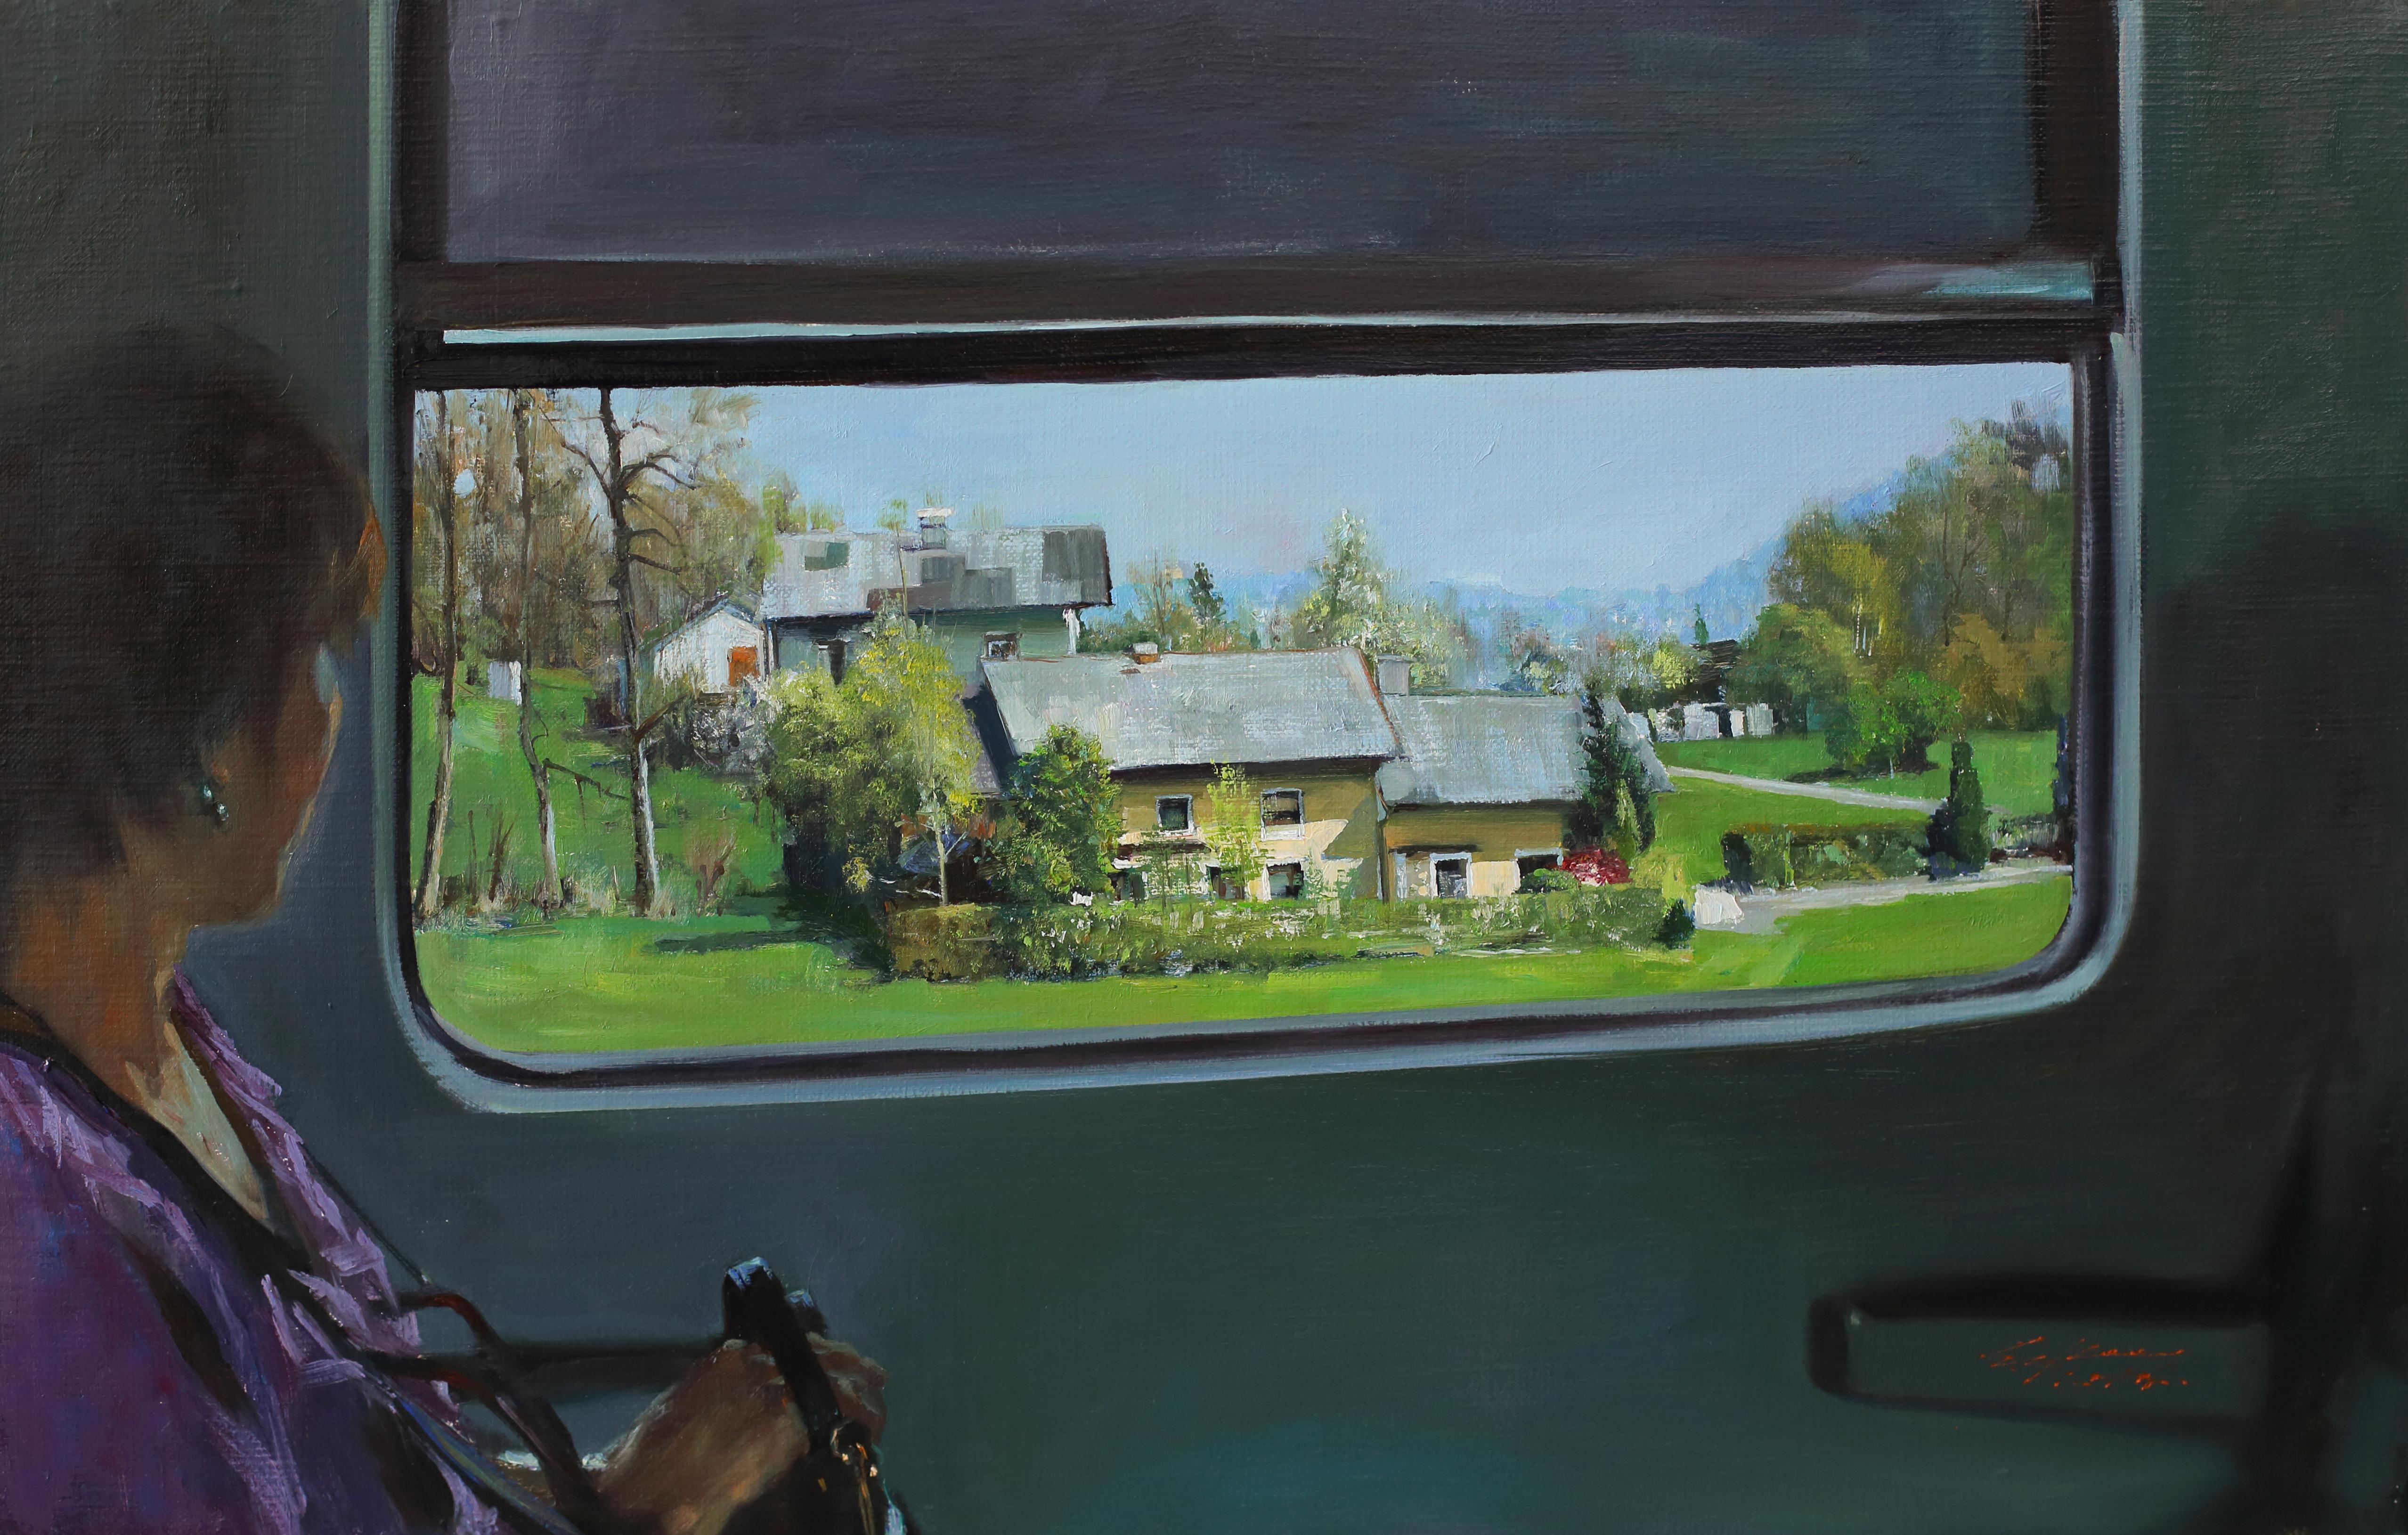 설레임65.1x41.5 Oil on canvas 2014